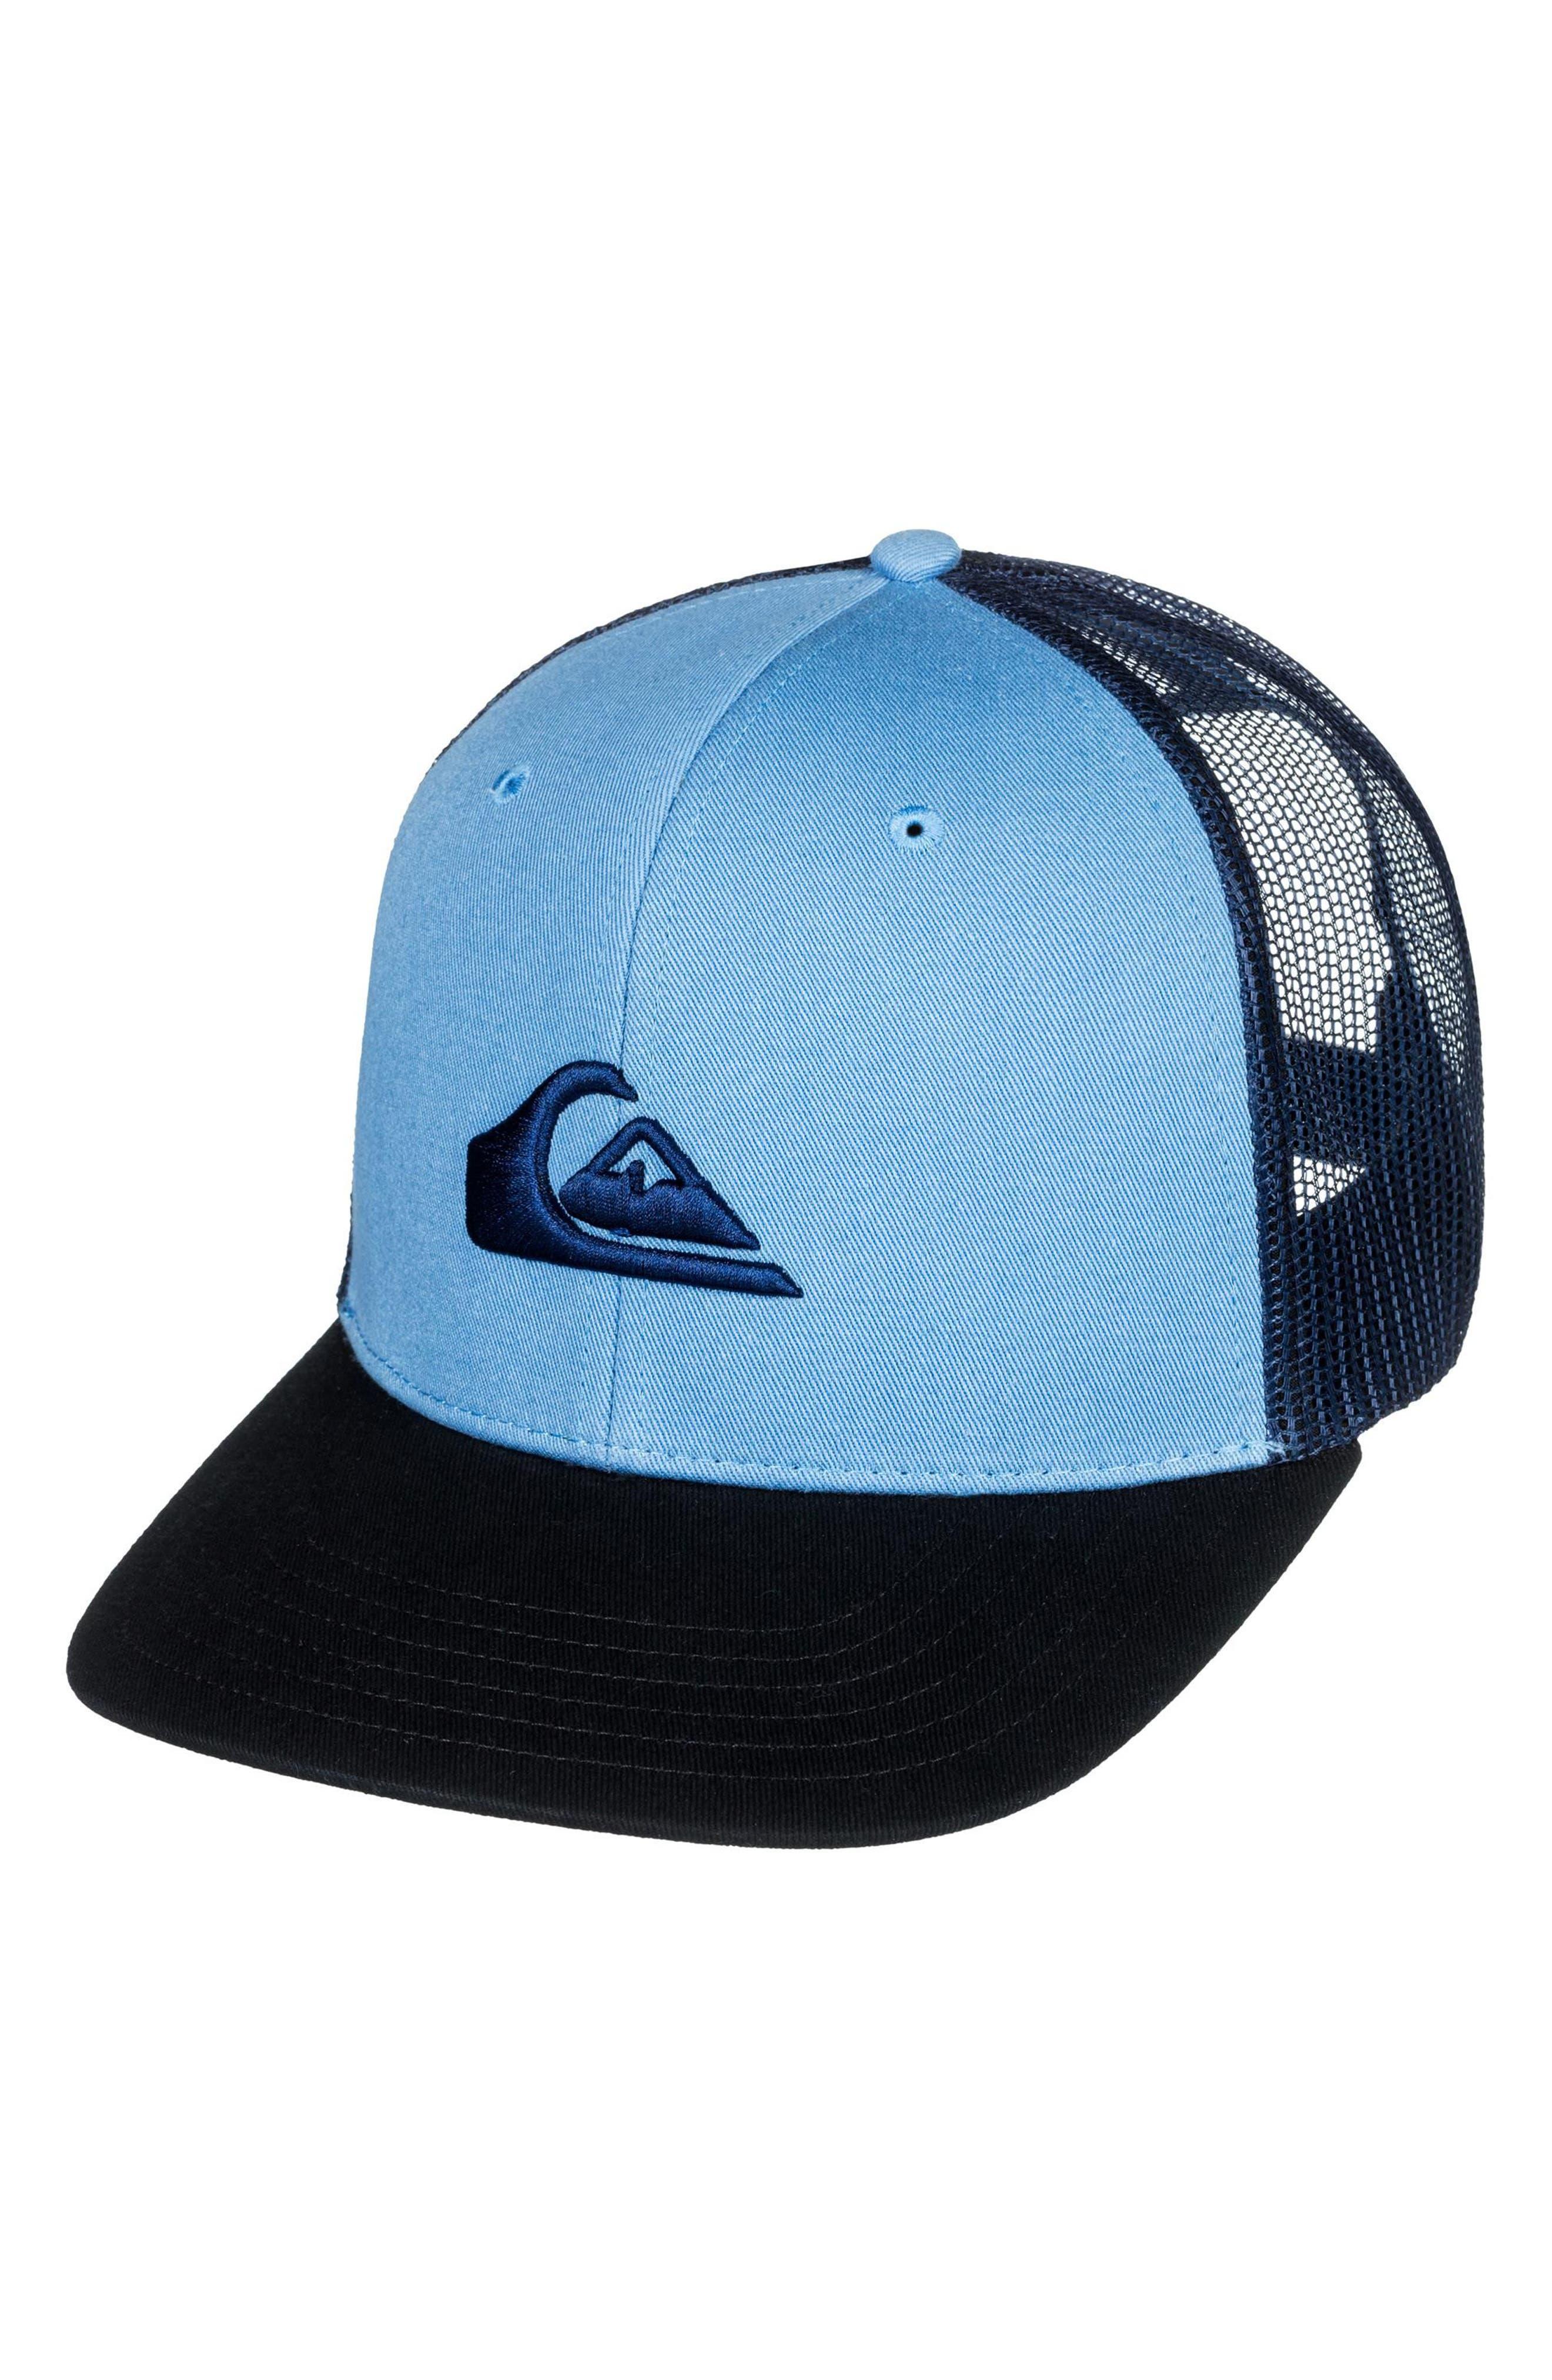 Main Image - Quiksilver Grounder Trucker Hat